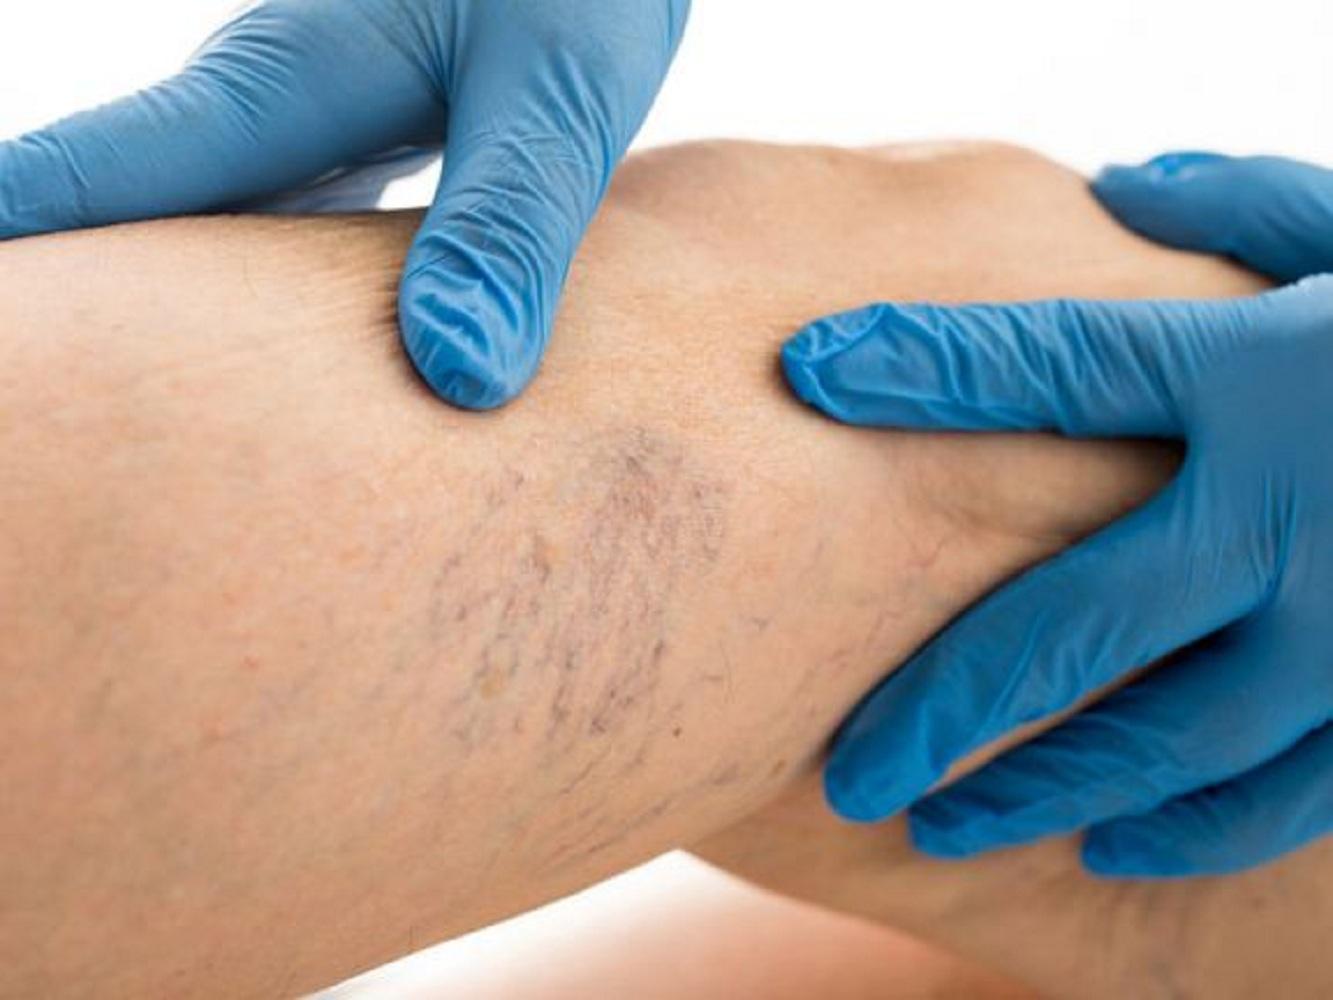 hogyan lehet enyhíteni a porcgyulladást